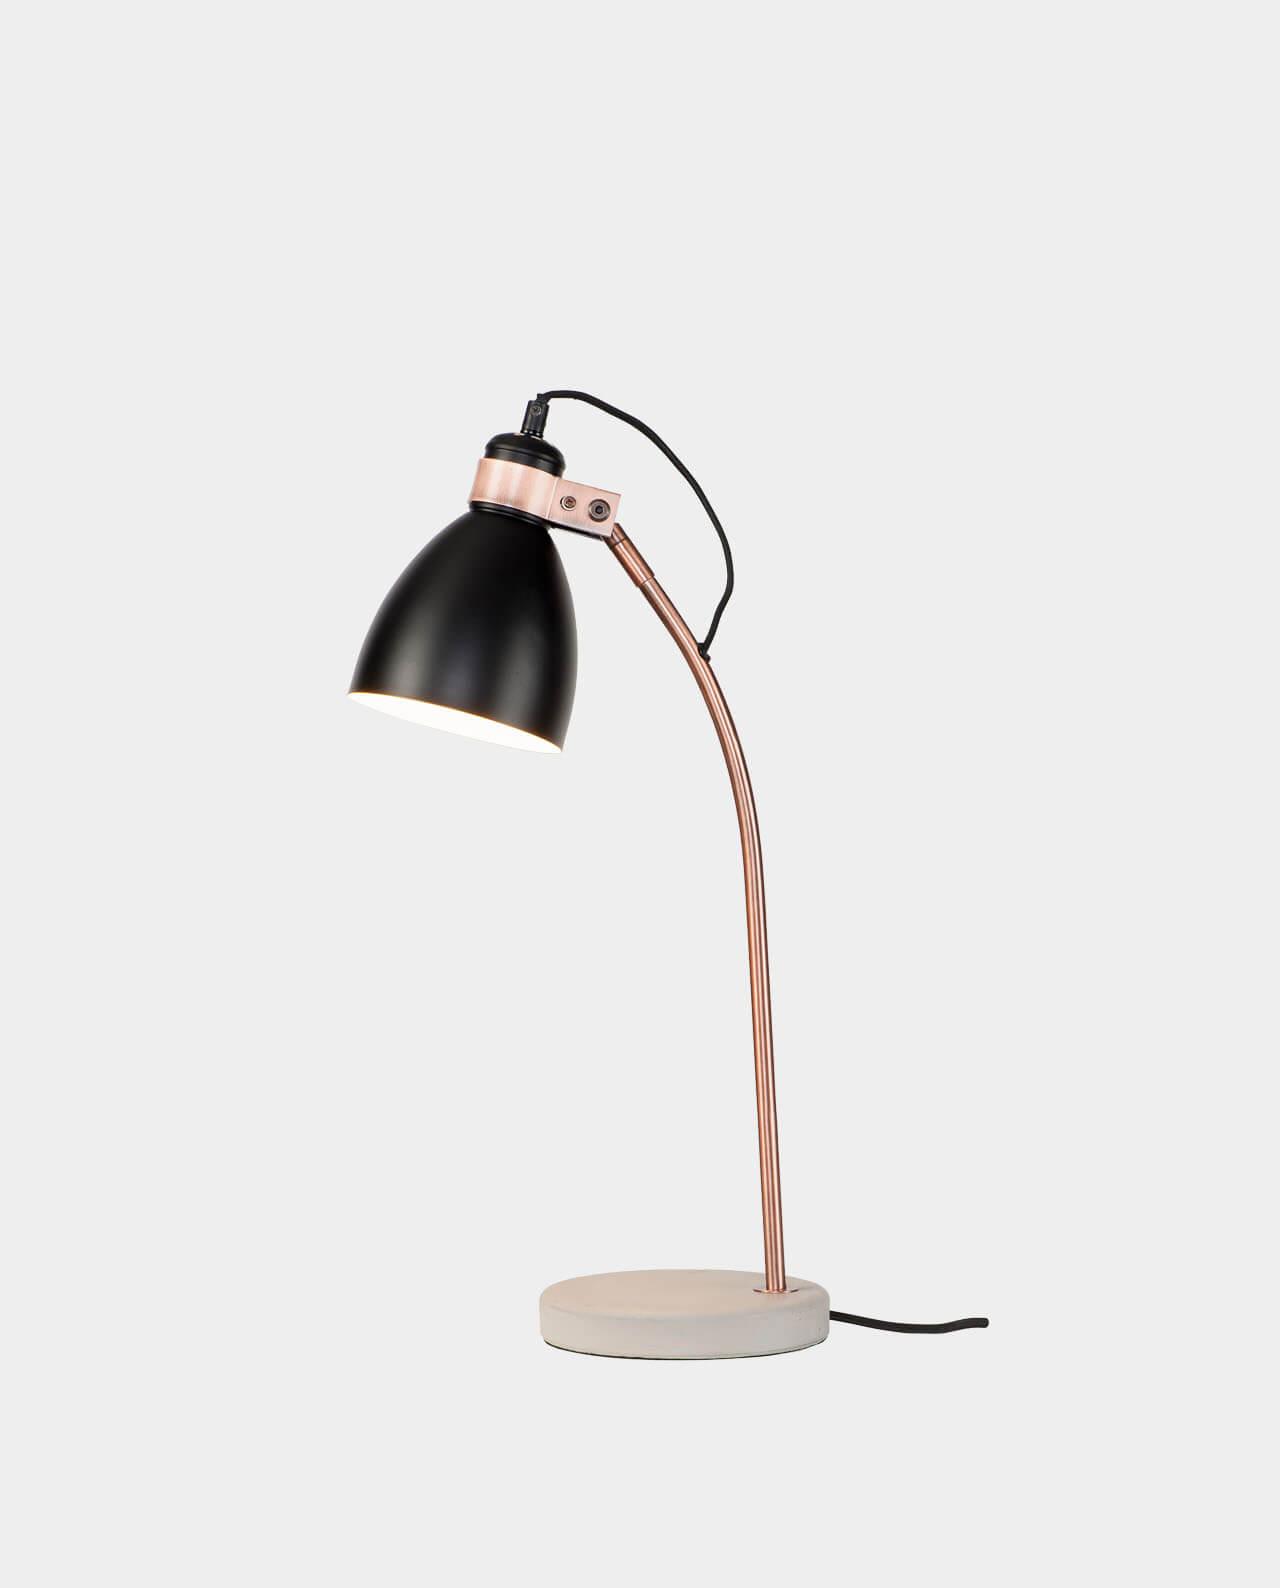 schreibtischlampe denver jetzt online kaufen. Black Bedroom Furniture Sets. Home Design Ideas